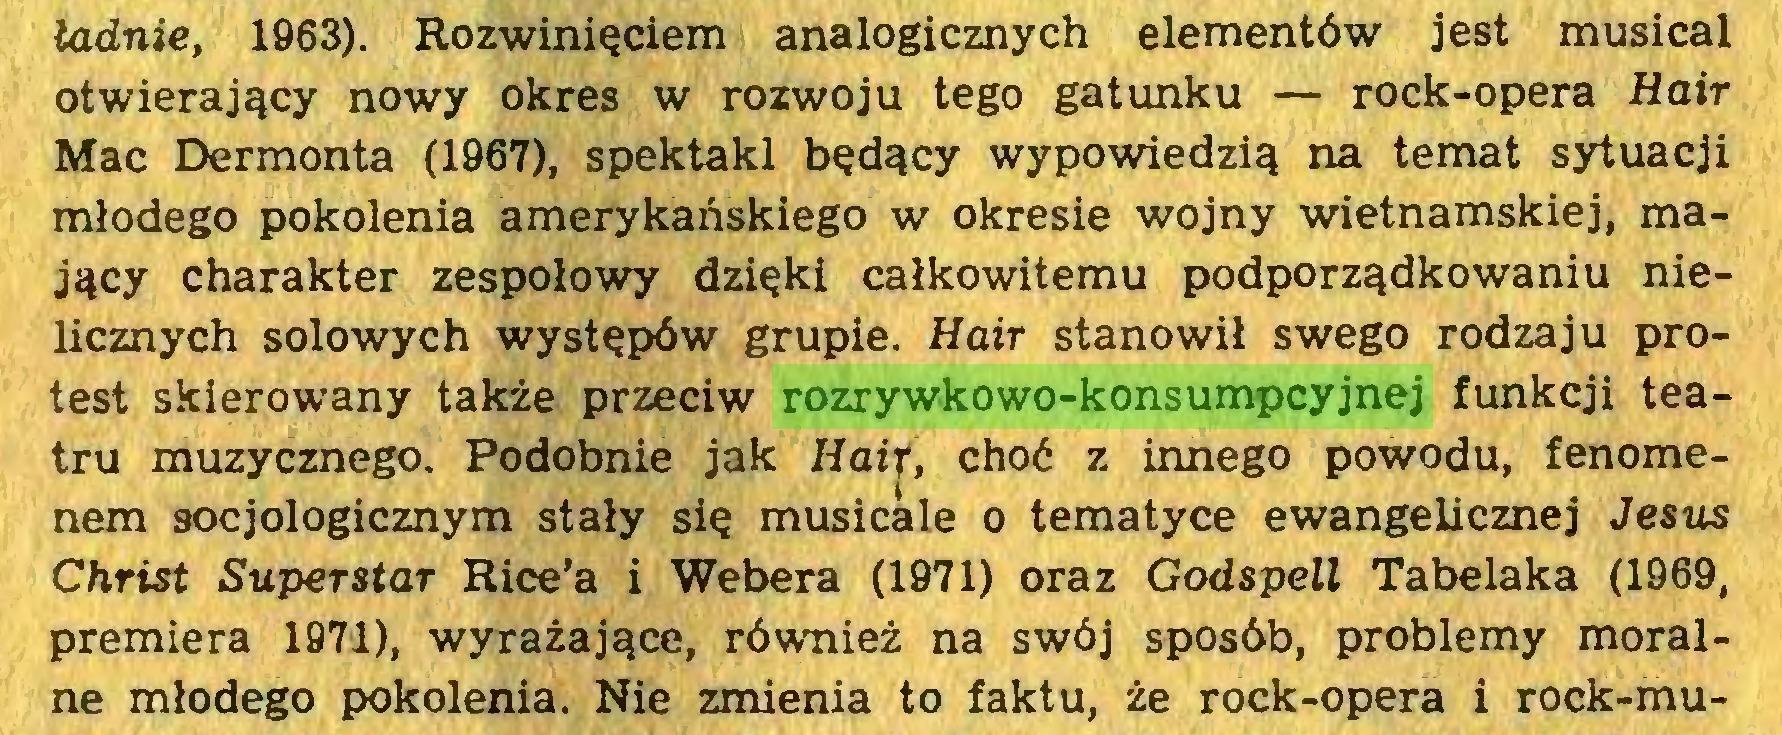 (...) ładnie, 1963). Rozwinięciem analogicznych elementów jest musical otwierający nowy okres w rozwoju tego gatunku — rock-opera Hair Mac Dermonta (1967), spektakl będący wypowiedzią na temat sytuacji młodego pokolenia amerykańskiego w okresie wojny wietnamskiej, mający charakter zespołowy dzięki całkowitemu podporządkowaniu nielicznych solowych występów grupie. Hair stanowił swego rodzaju protest skierowany także przeciw rozrywkowo-konsumpcyjnej funkcji teatru muzycznego. Podobnie jak Hair, choć z innego powodu, fenomenem socjologicznym stały się musicale o tematyce ewangelicznej Jesus Christ Superstar Rice'a i Webera (1971) oraz Godspell Tabelaka (1969, premiera 1971), wyrażające, również na swój sposób, problemy moralne młodego pokolenia. Nie zmienia to faktu, że rock-opera i rock-mu...